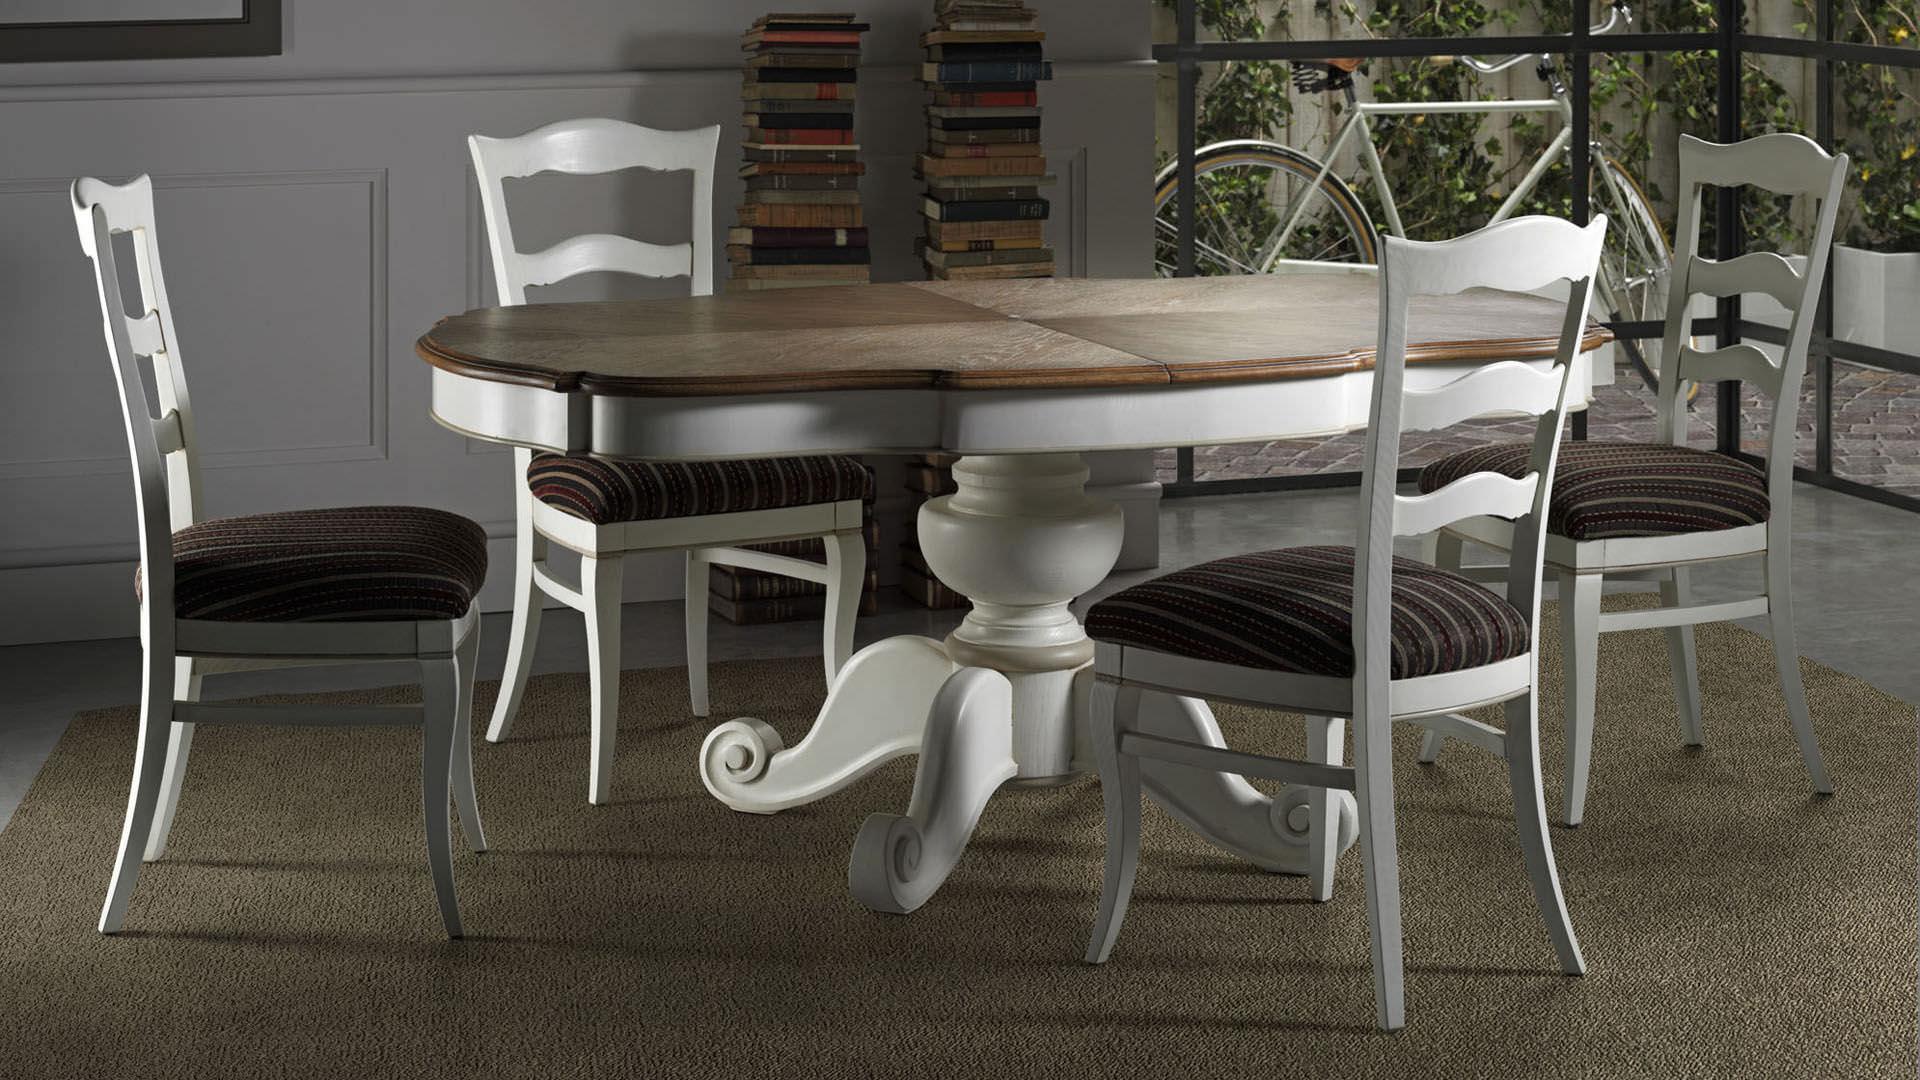 Tavoli Da Cucina Allungabili Classici.Tavolo Da Pranzo Classico In Legno Allungabile San Clemente